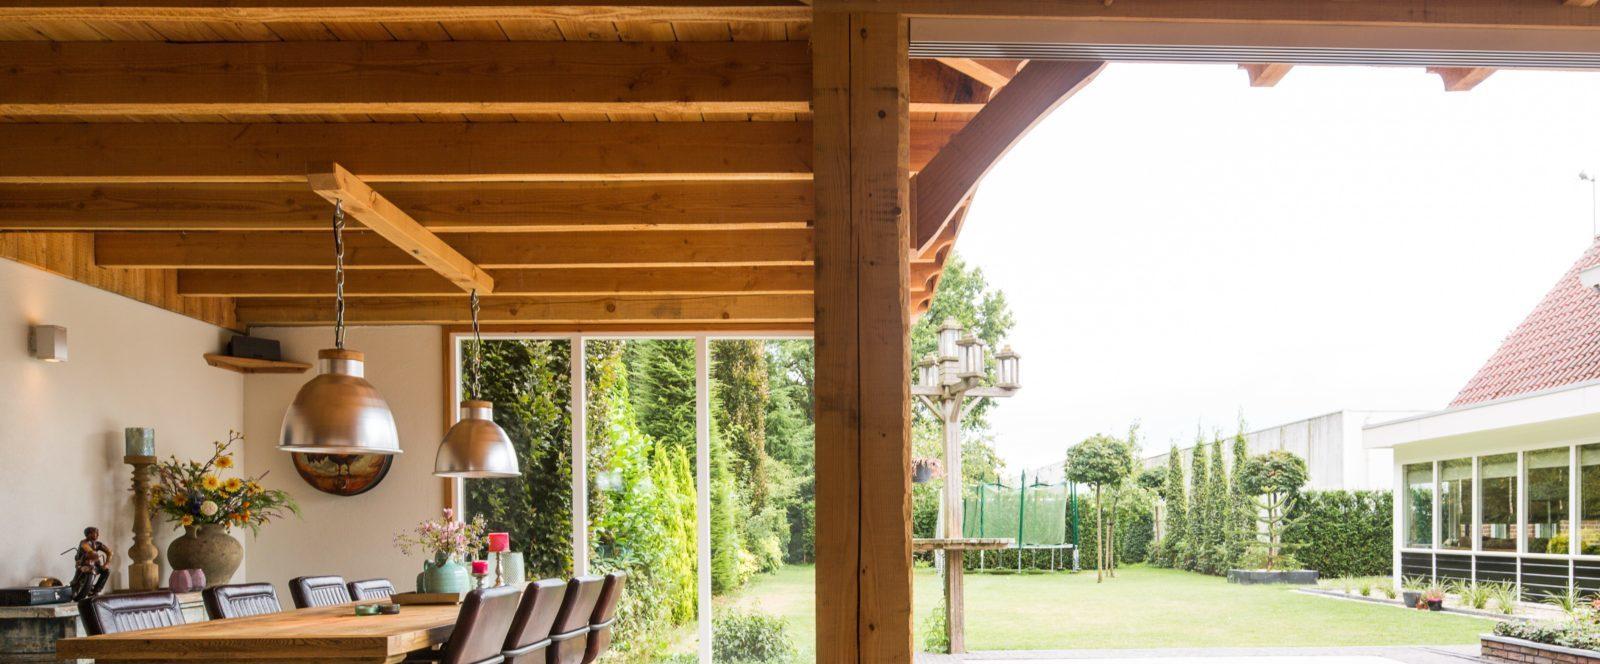 Terrasoverkapping of veranda kopen? | Veranda Gelderland